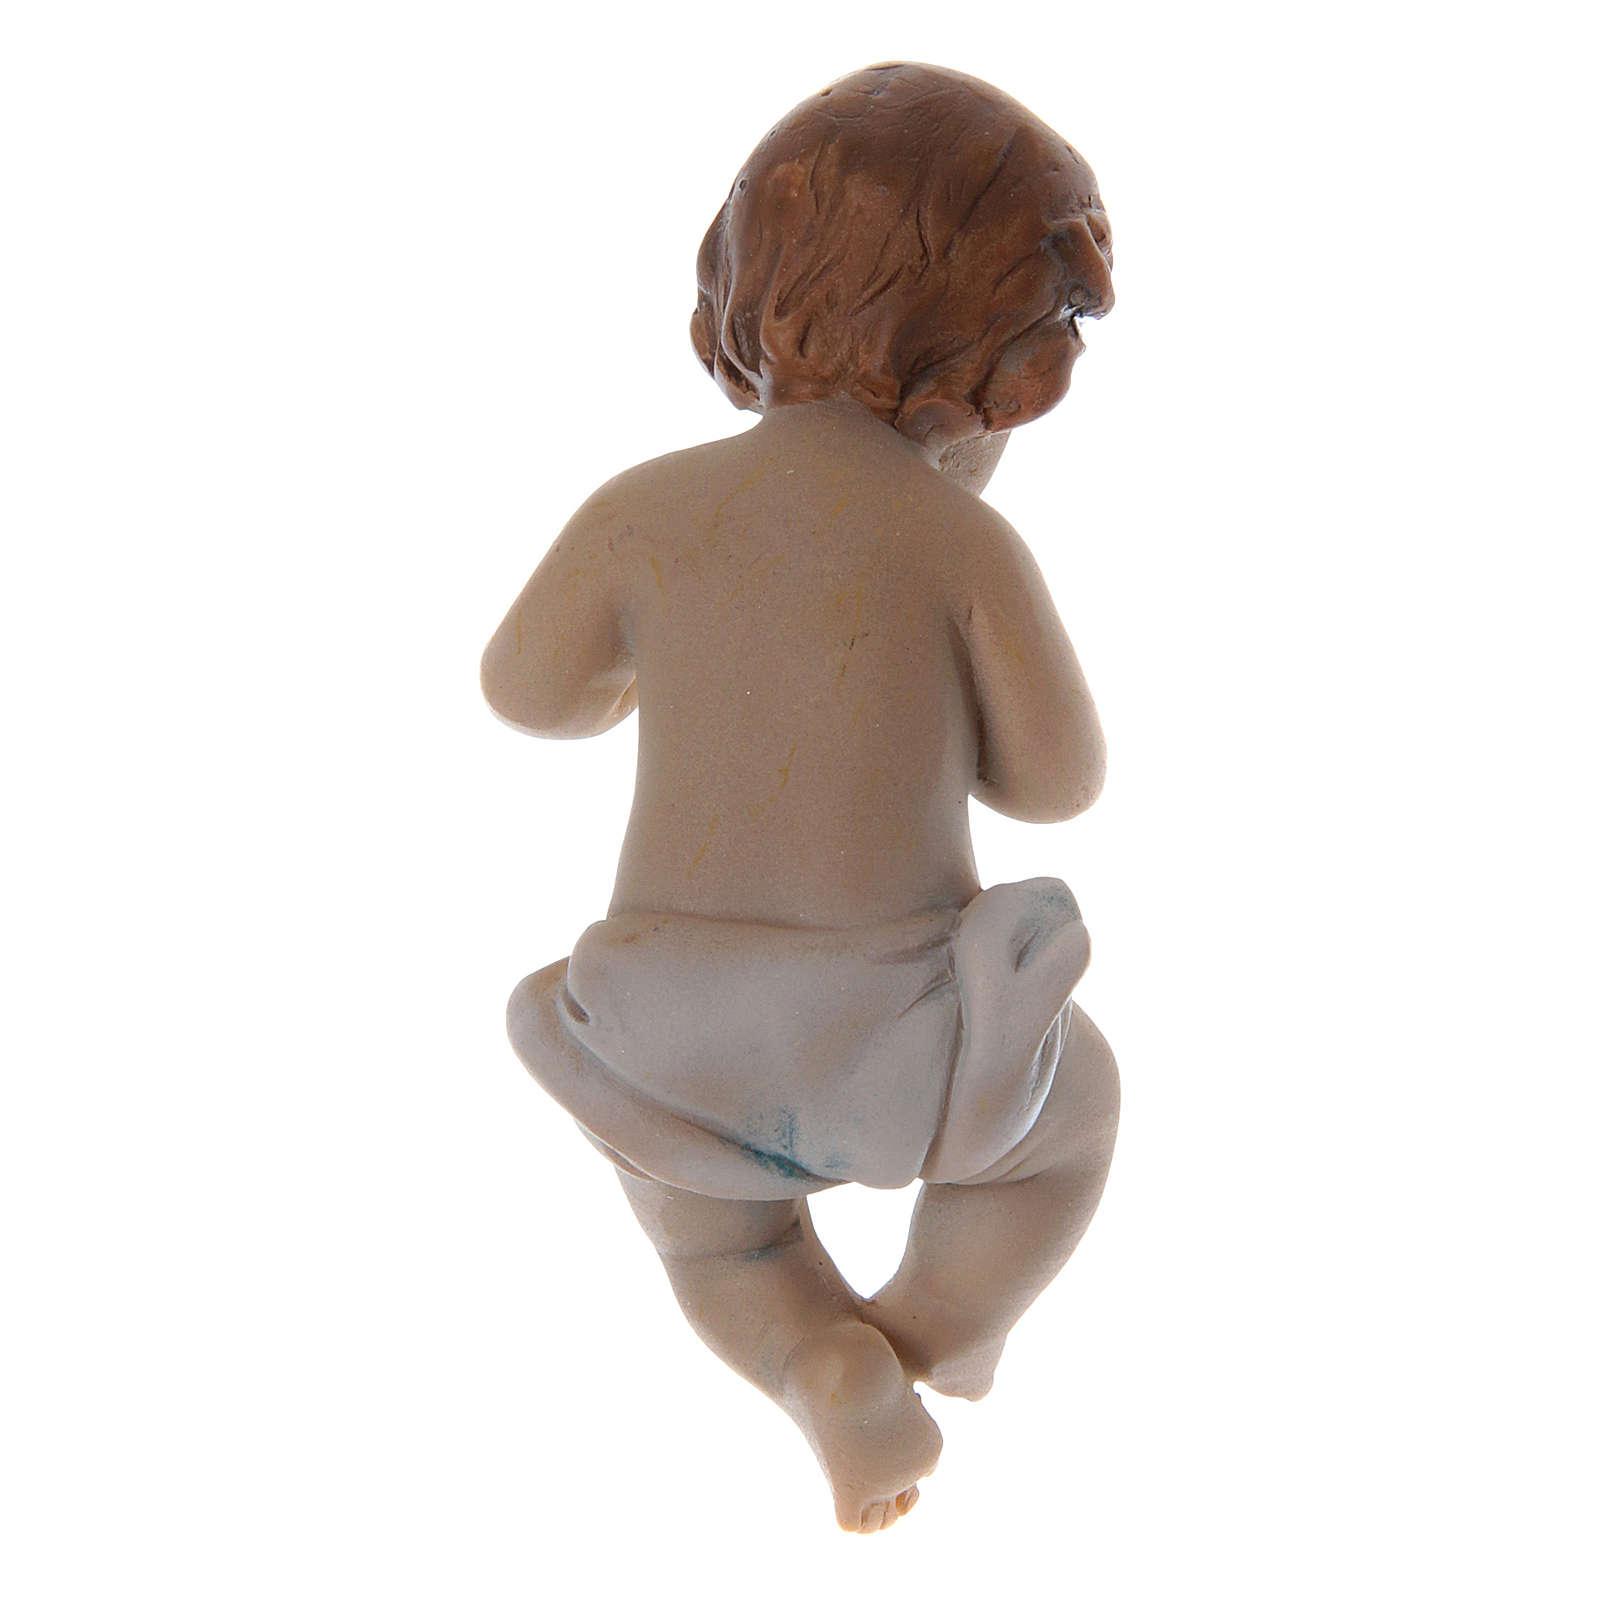 Santon Enfant Jésus résine h réelle 6 cm 3